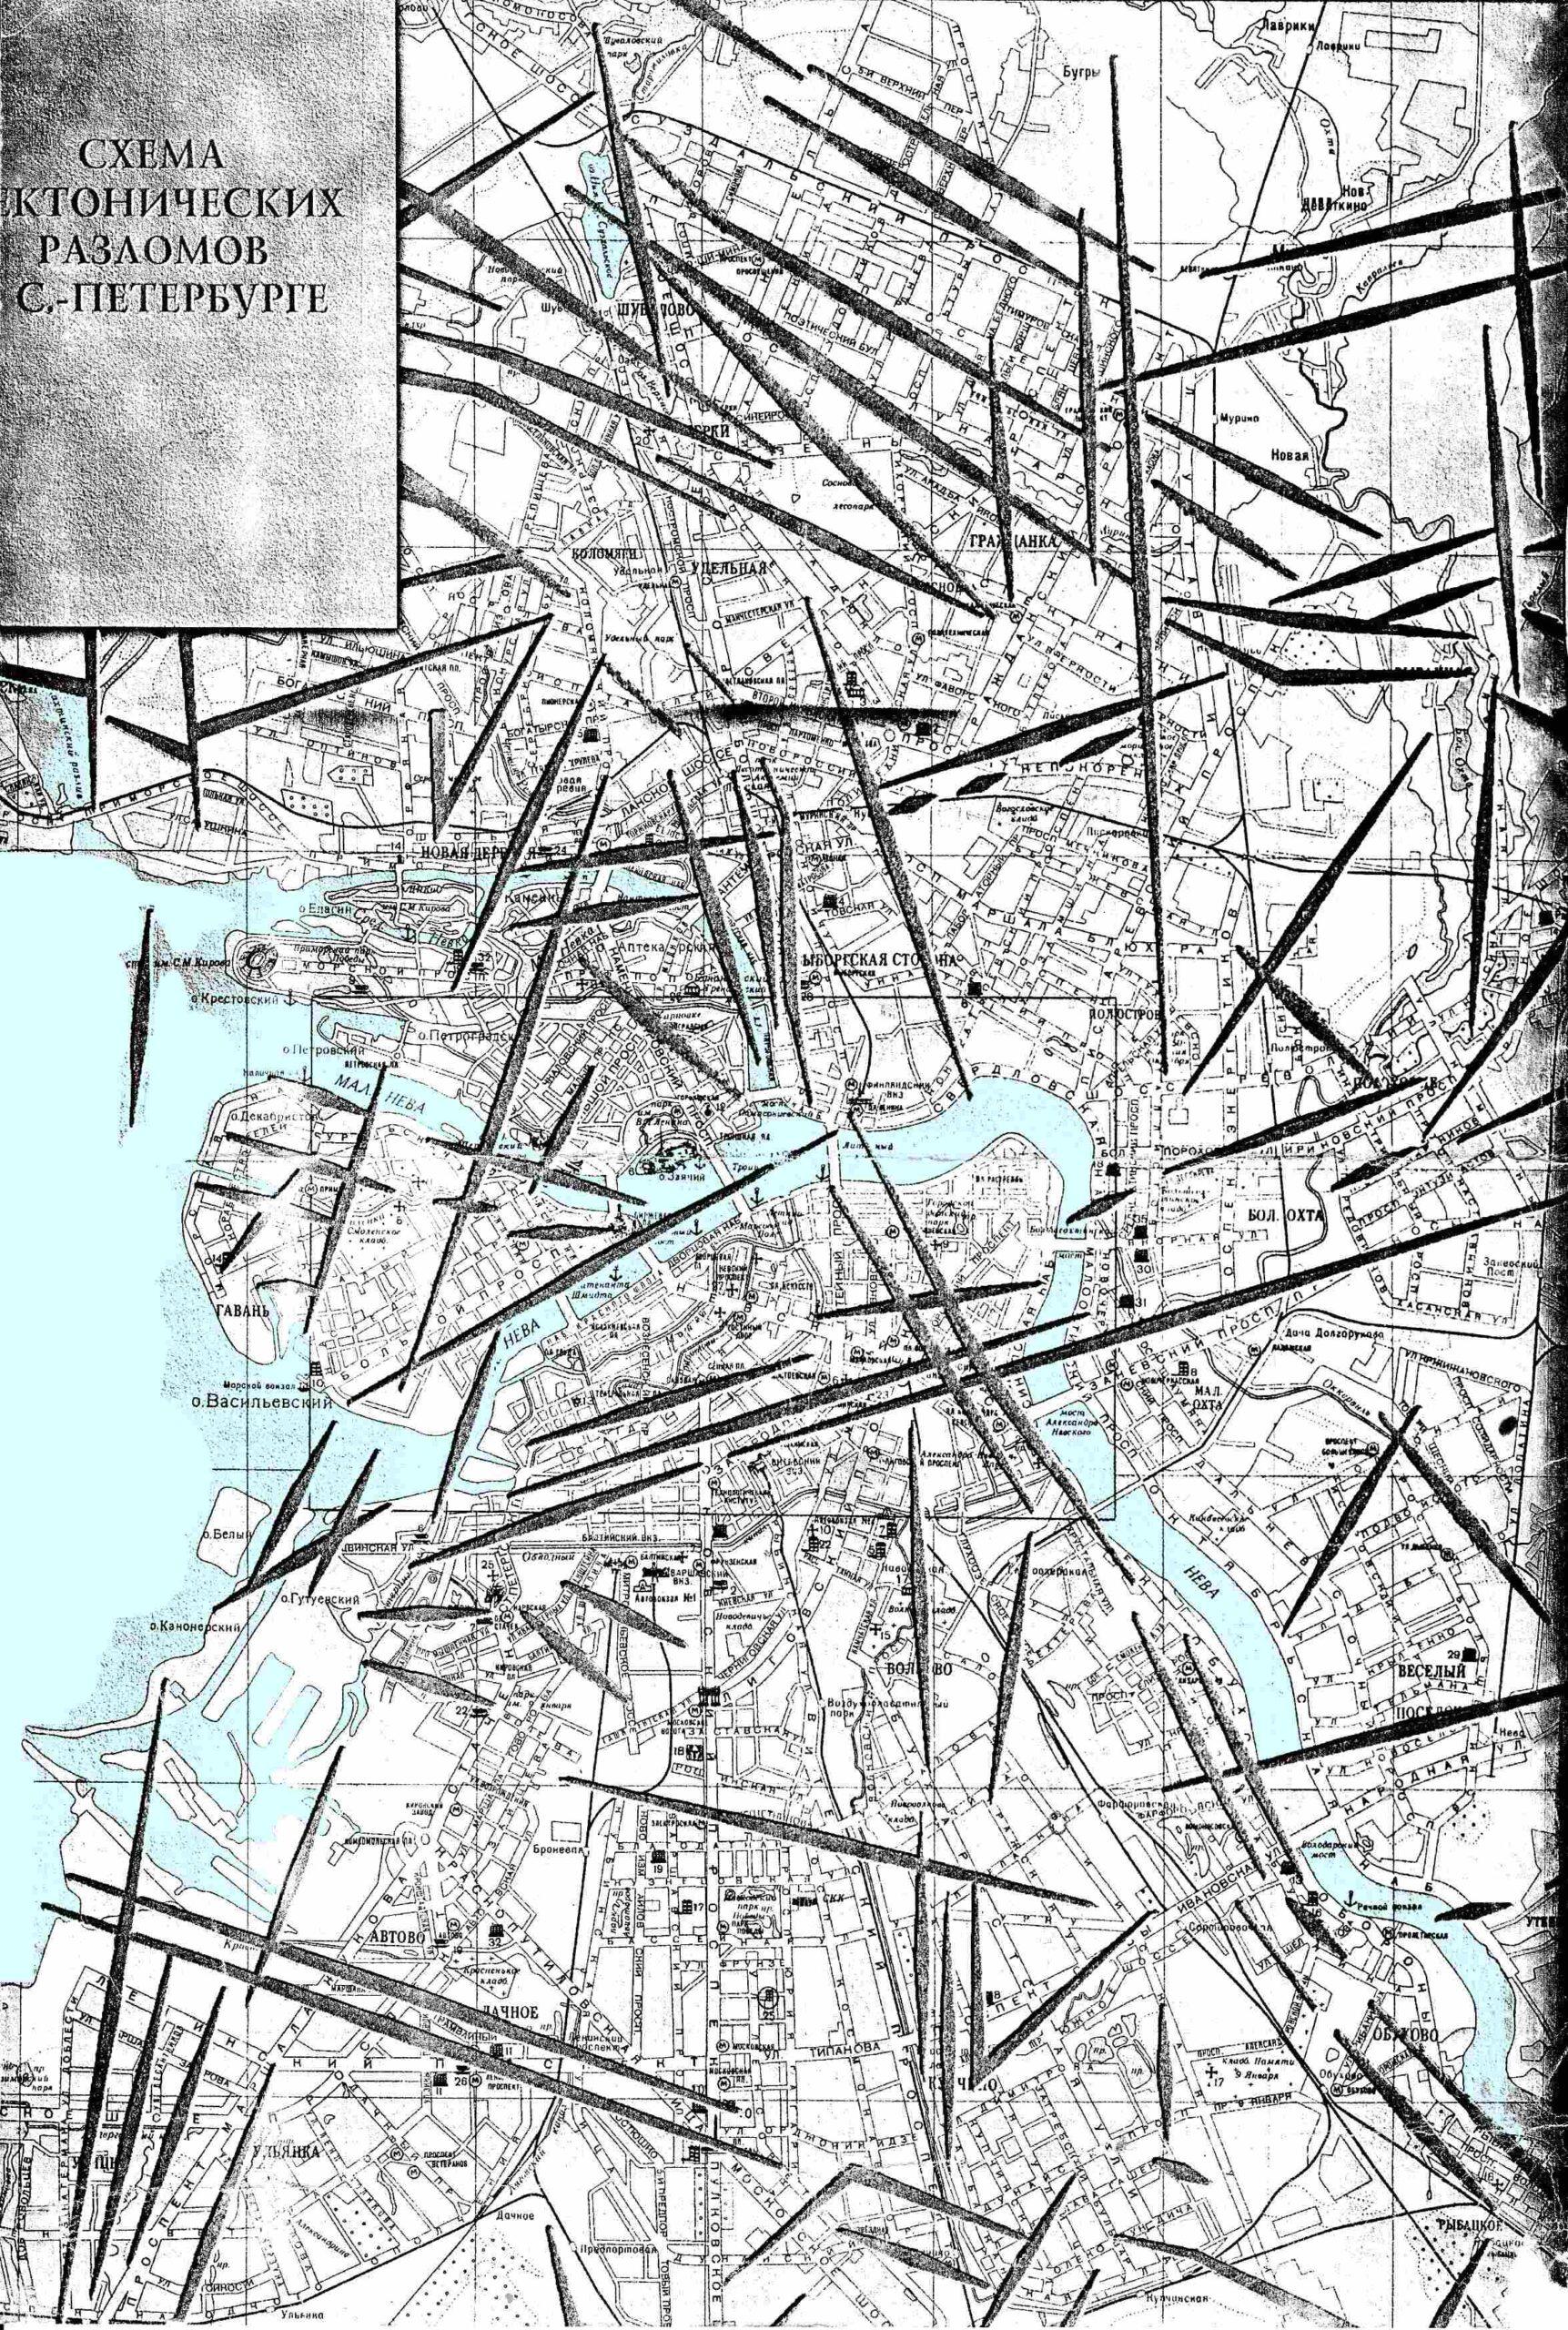 Геопатогенная зона Санкт-Петербурга